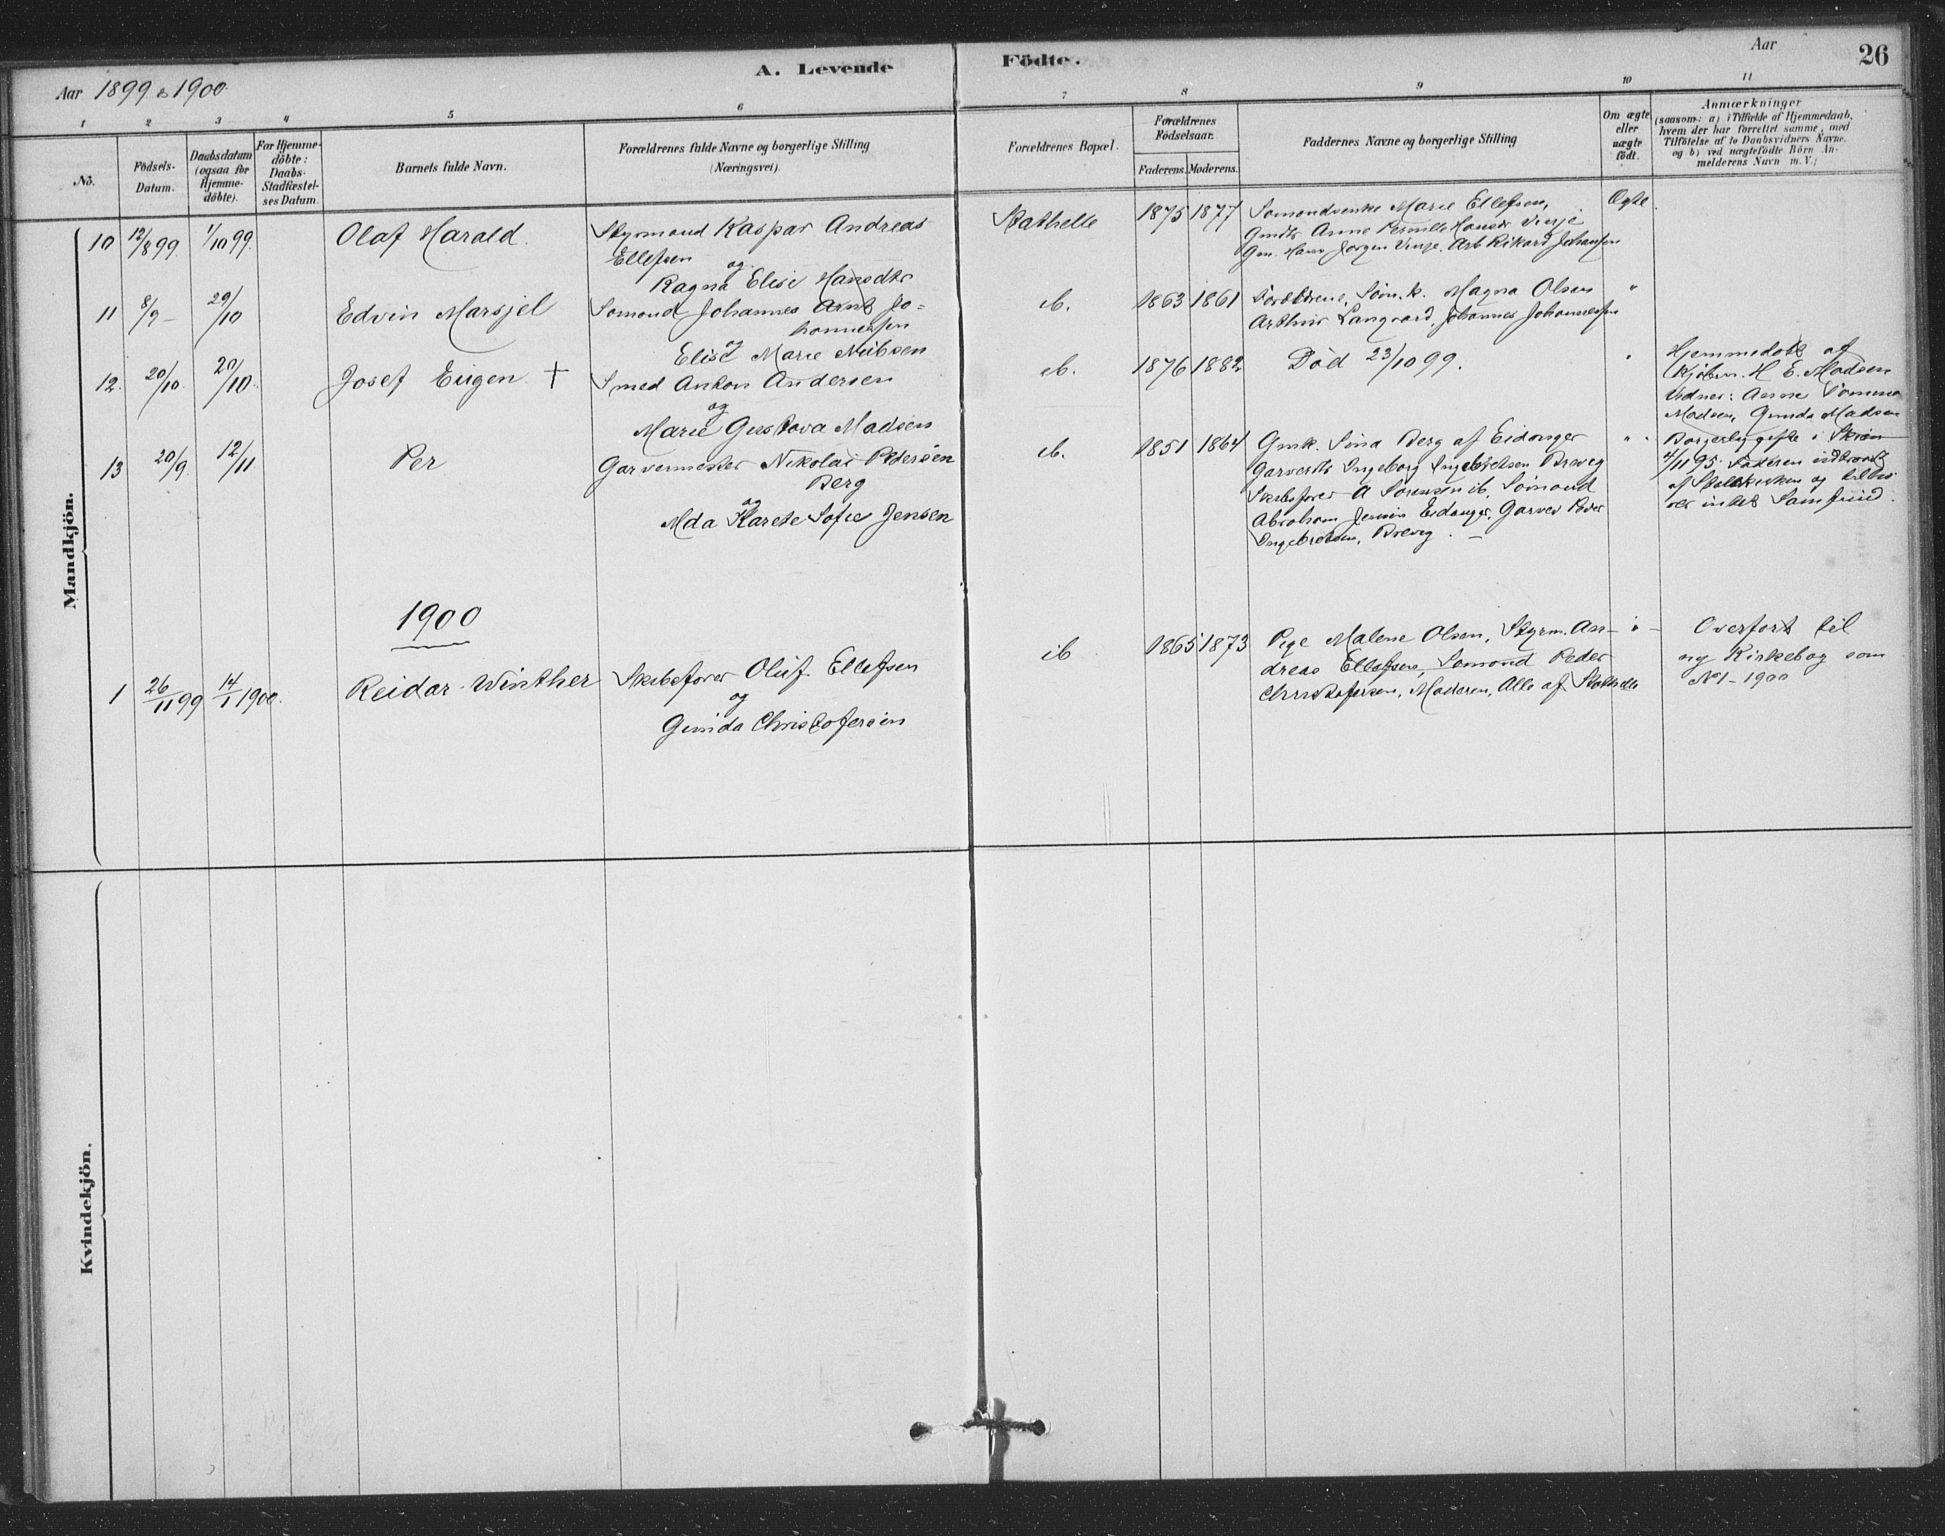 SAKO, Bamble kirkebøker, F/Fb/L0001: Ministerialbok nr. II 1, 1878-1899, s. 26